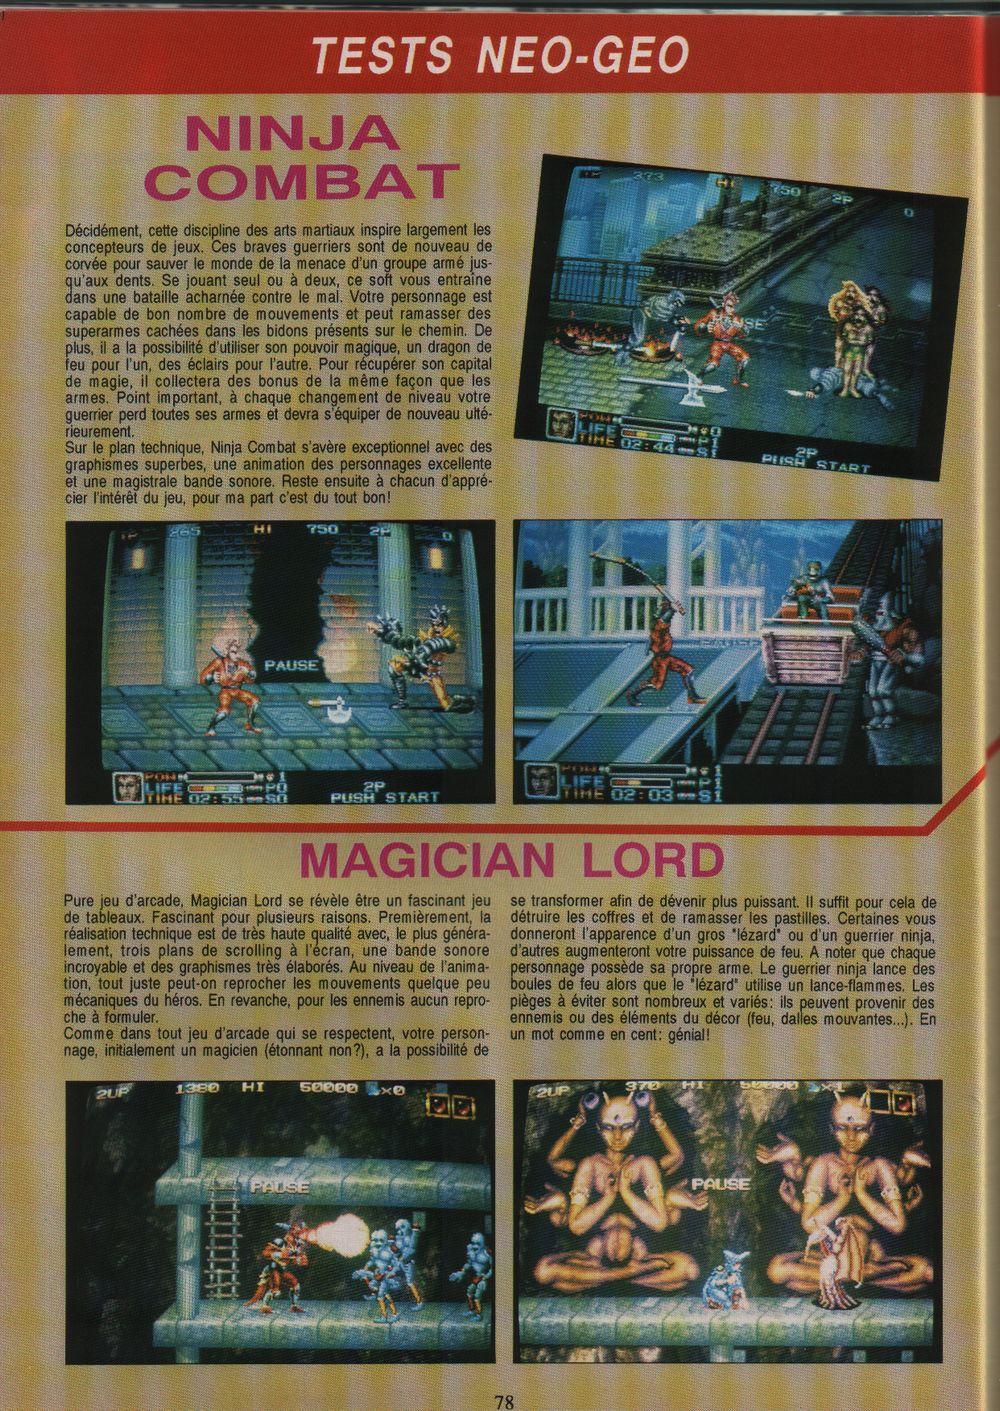 [Dossier] Les jeux NEOGEO dans la presse de l'époque - Page 2 Gen4%20HS2%20-%20page078